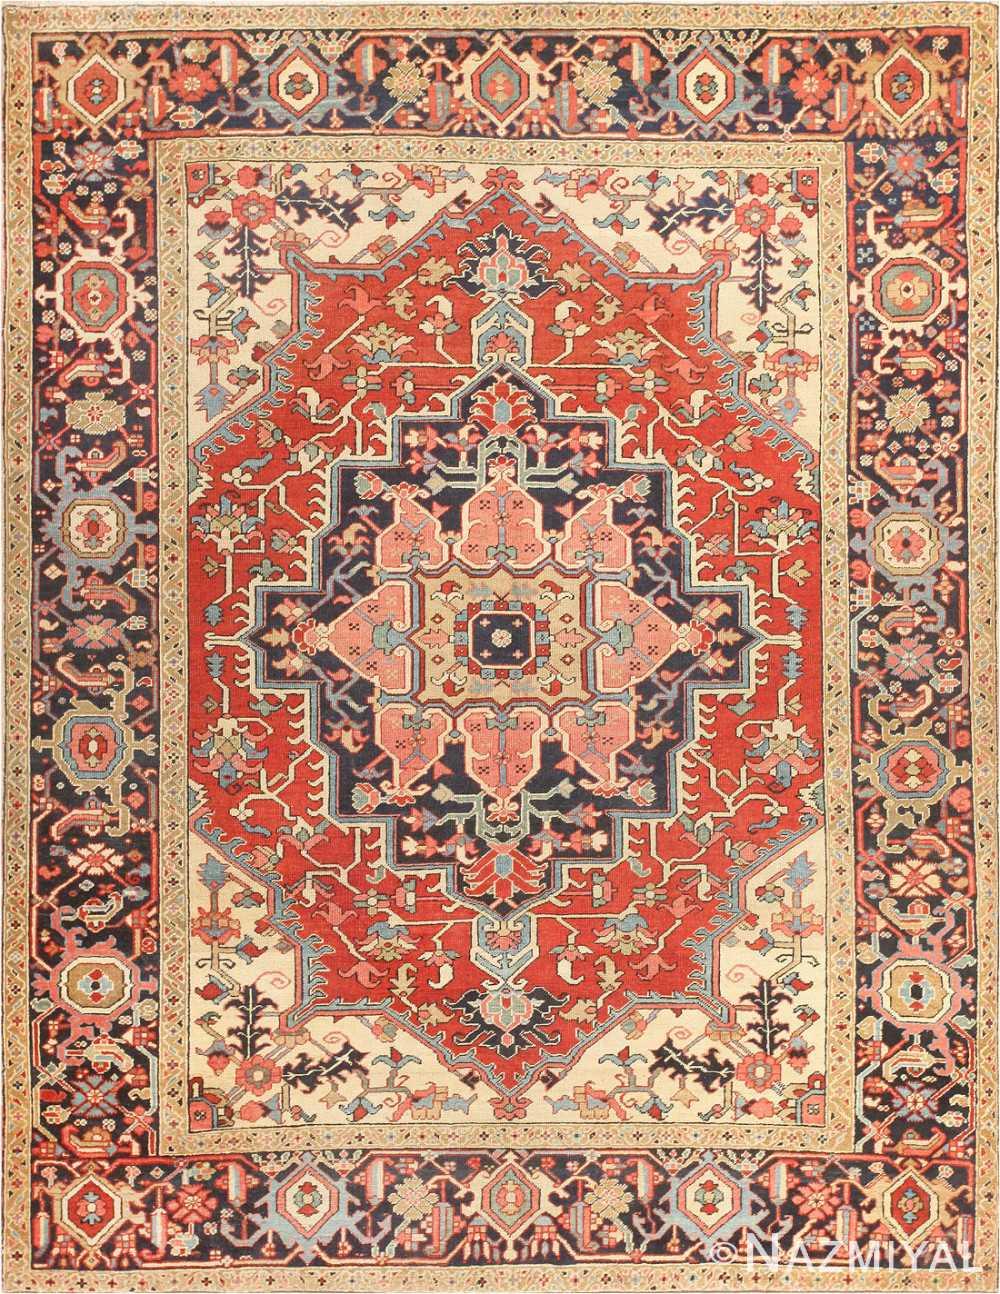 Antique Persian Serapi Rug 47251 by Nazmiyal